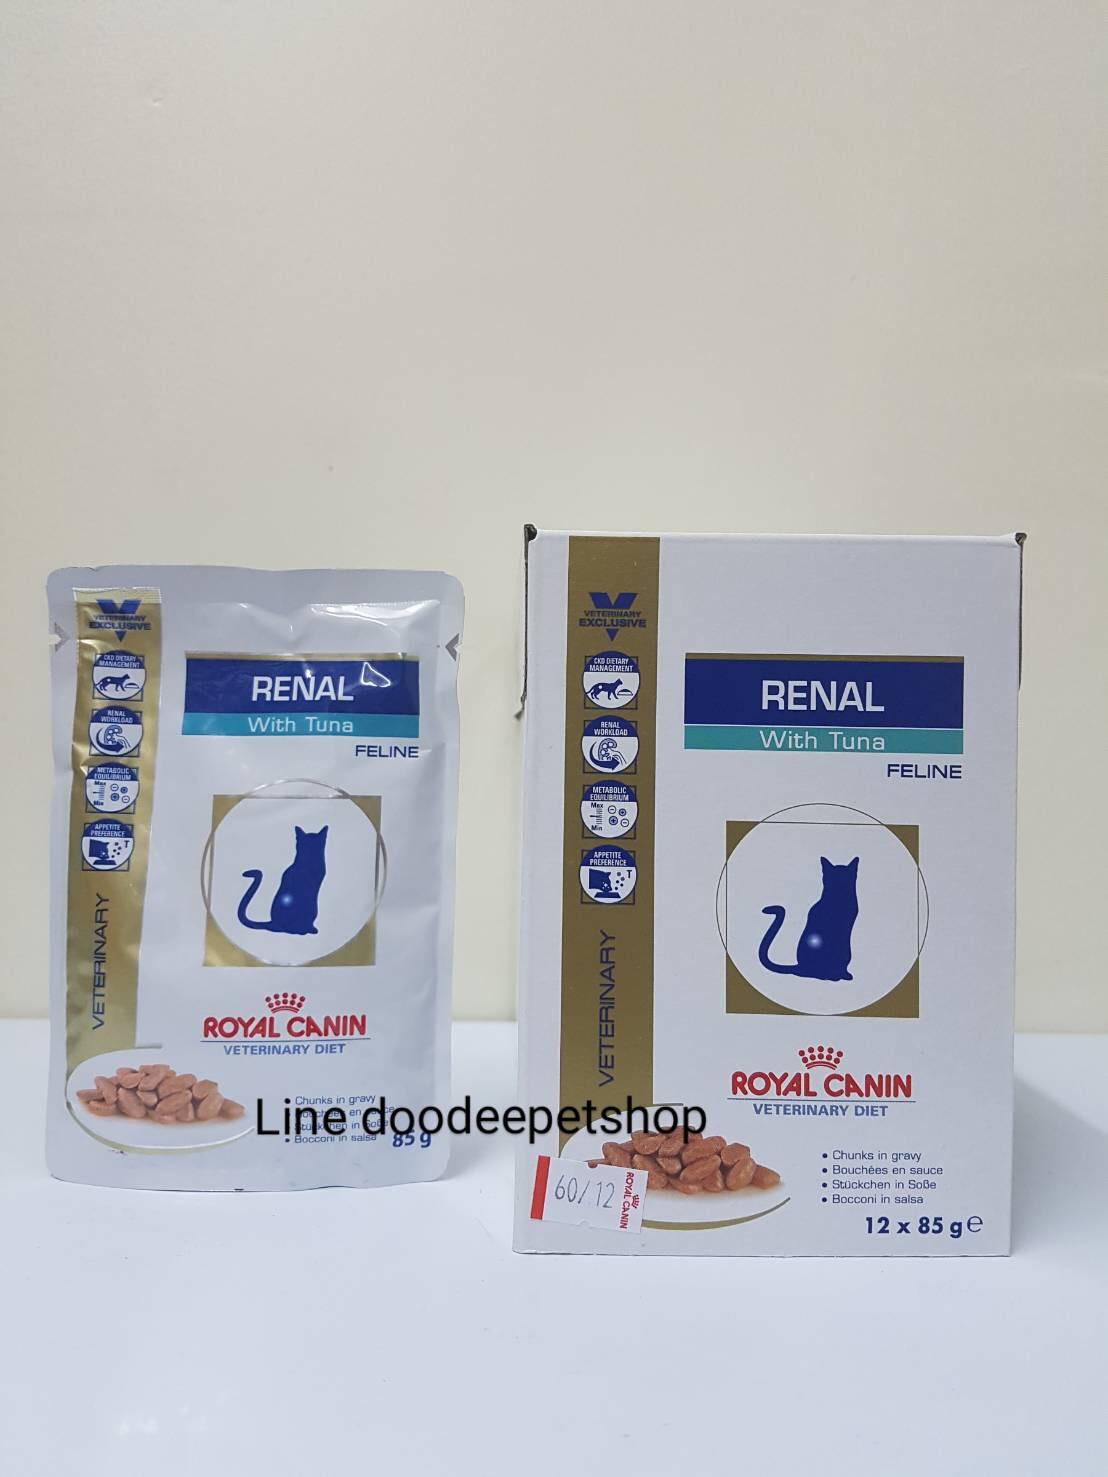 Renal pouch แมวโรคไตยกกล่อง Exp.05/19